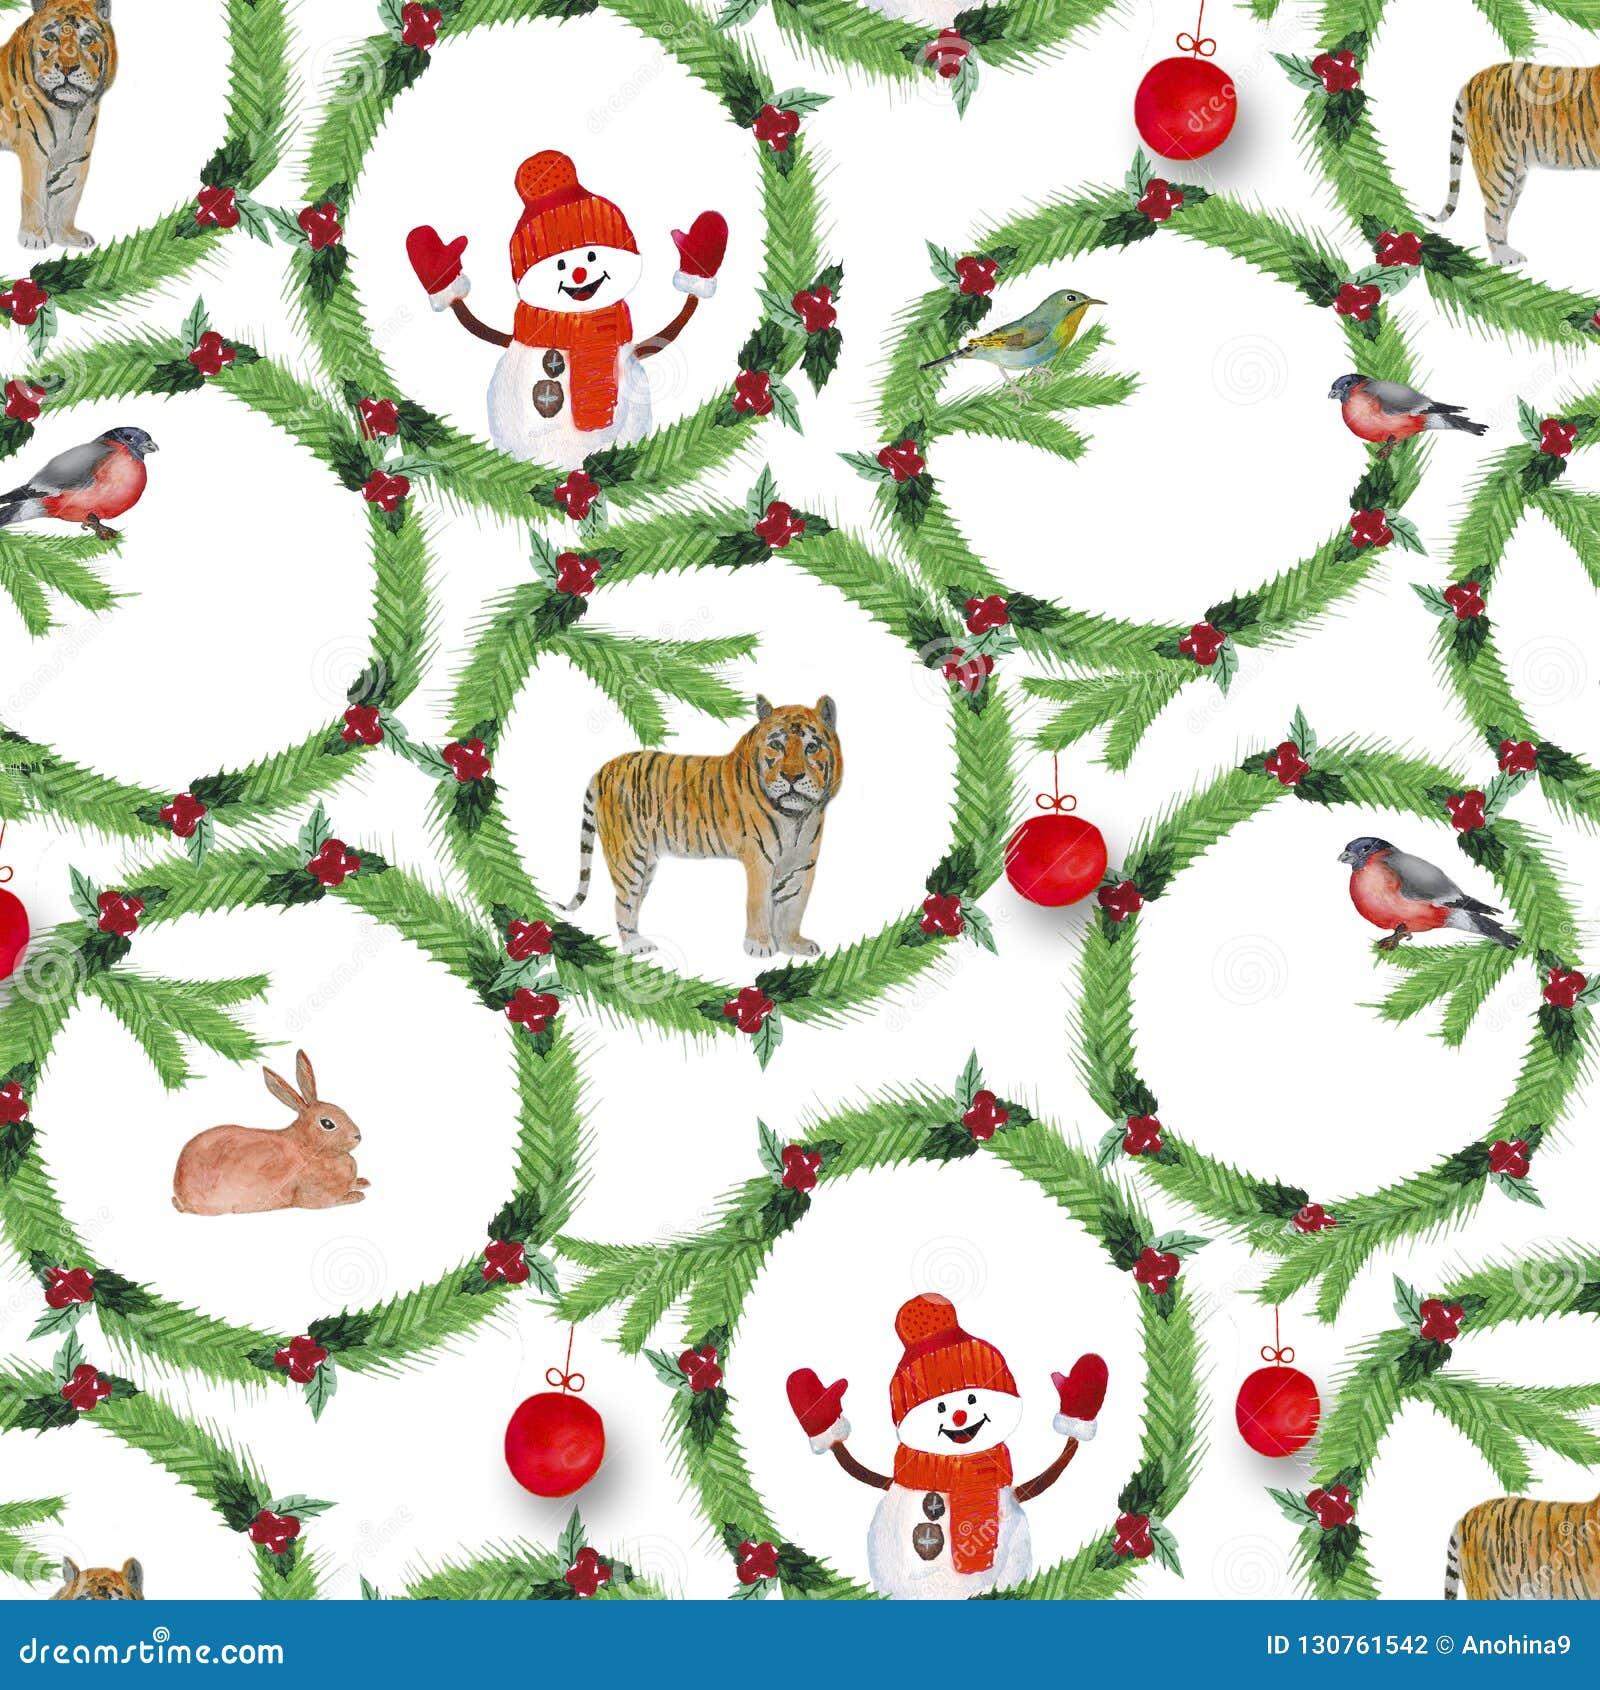 Watercolor Guirlandes de Noël des branches de sapin, des baies rouges, des oiseaux, de tigre, des lapins et de bonhomme de neige